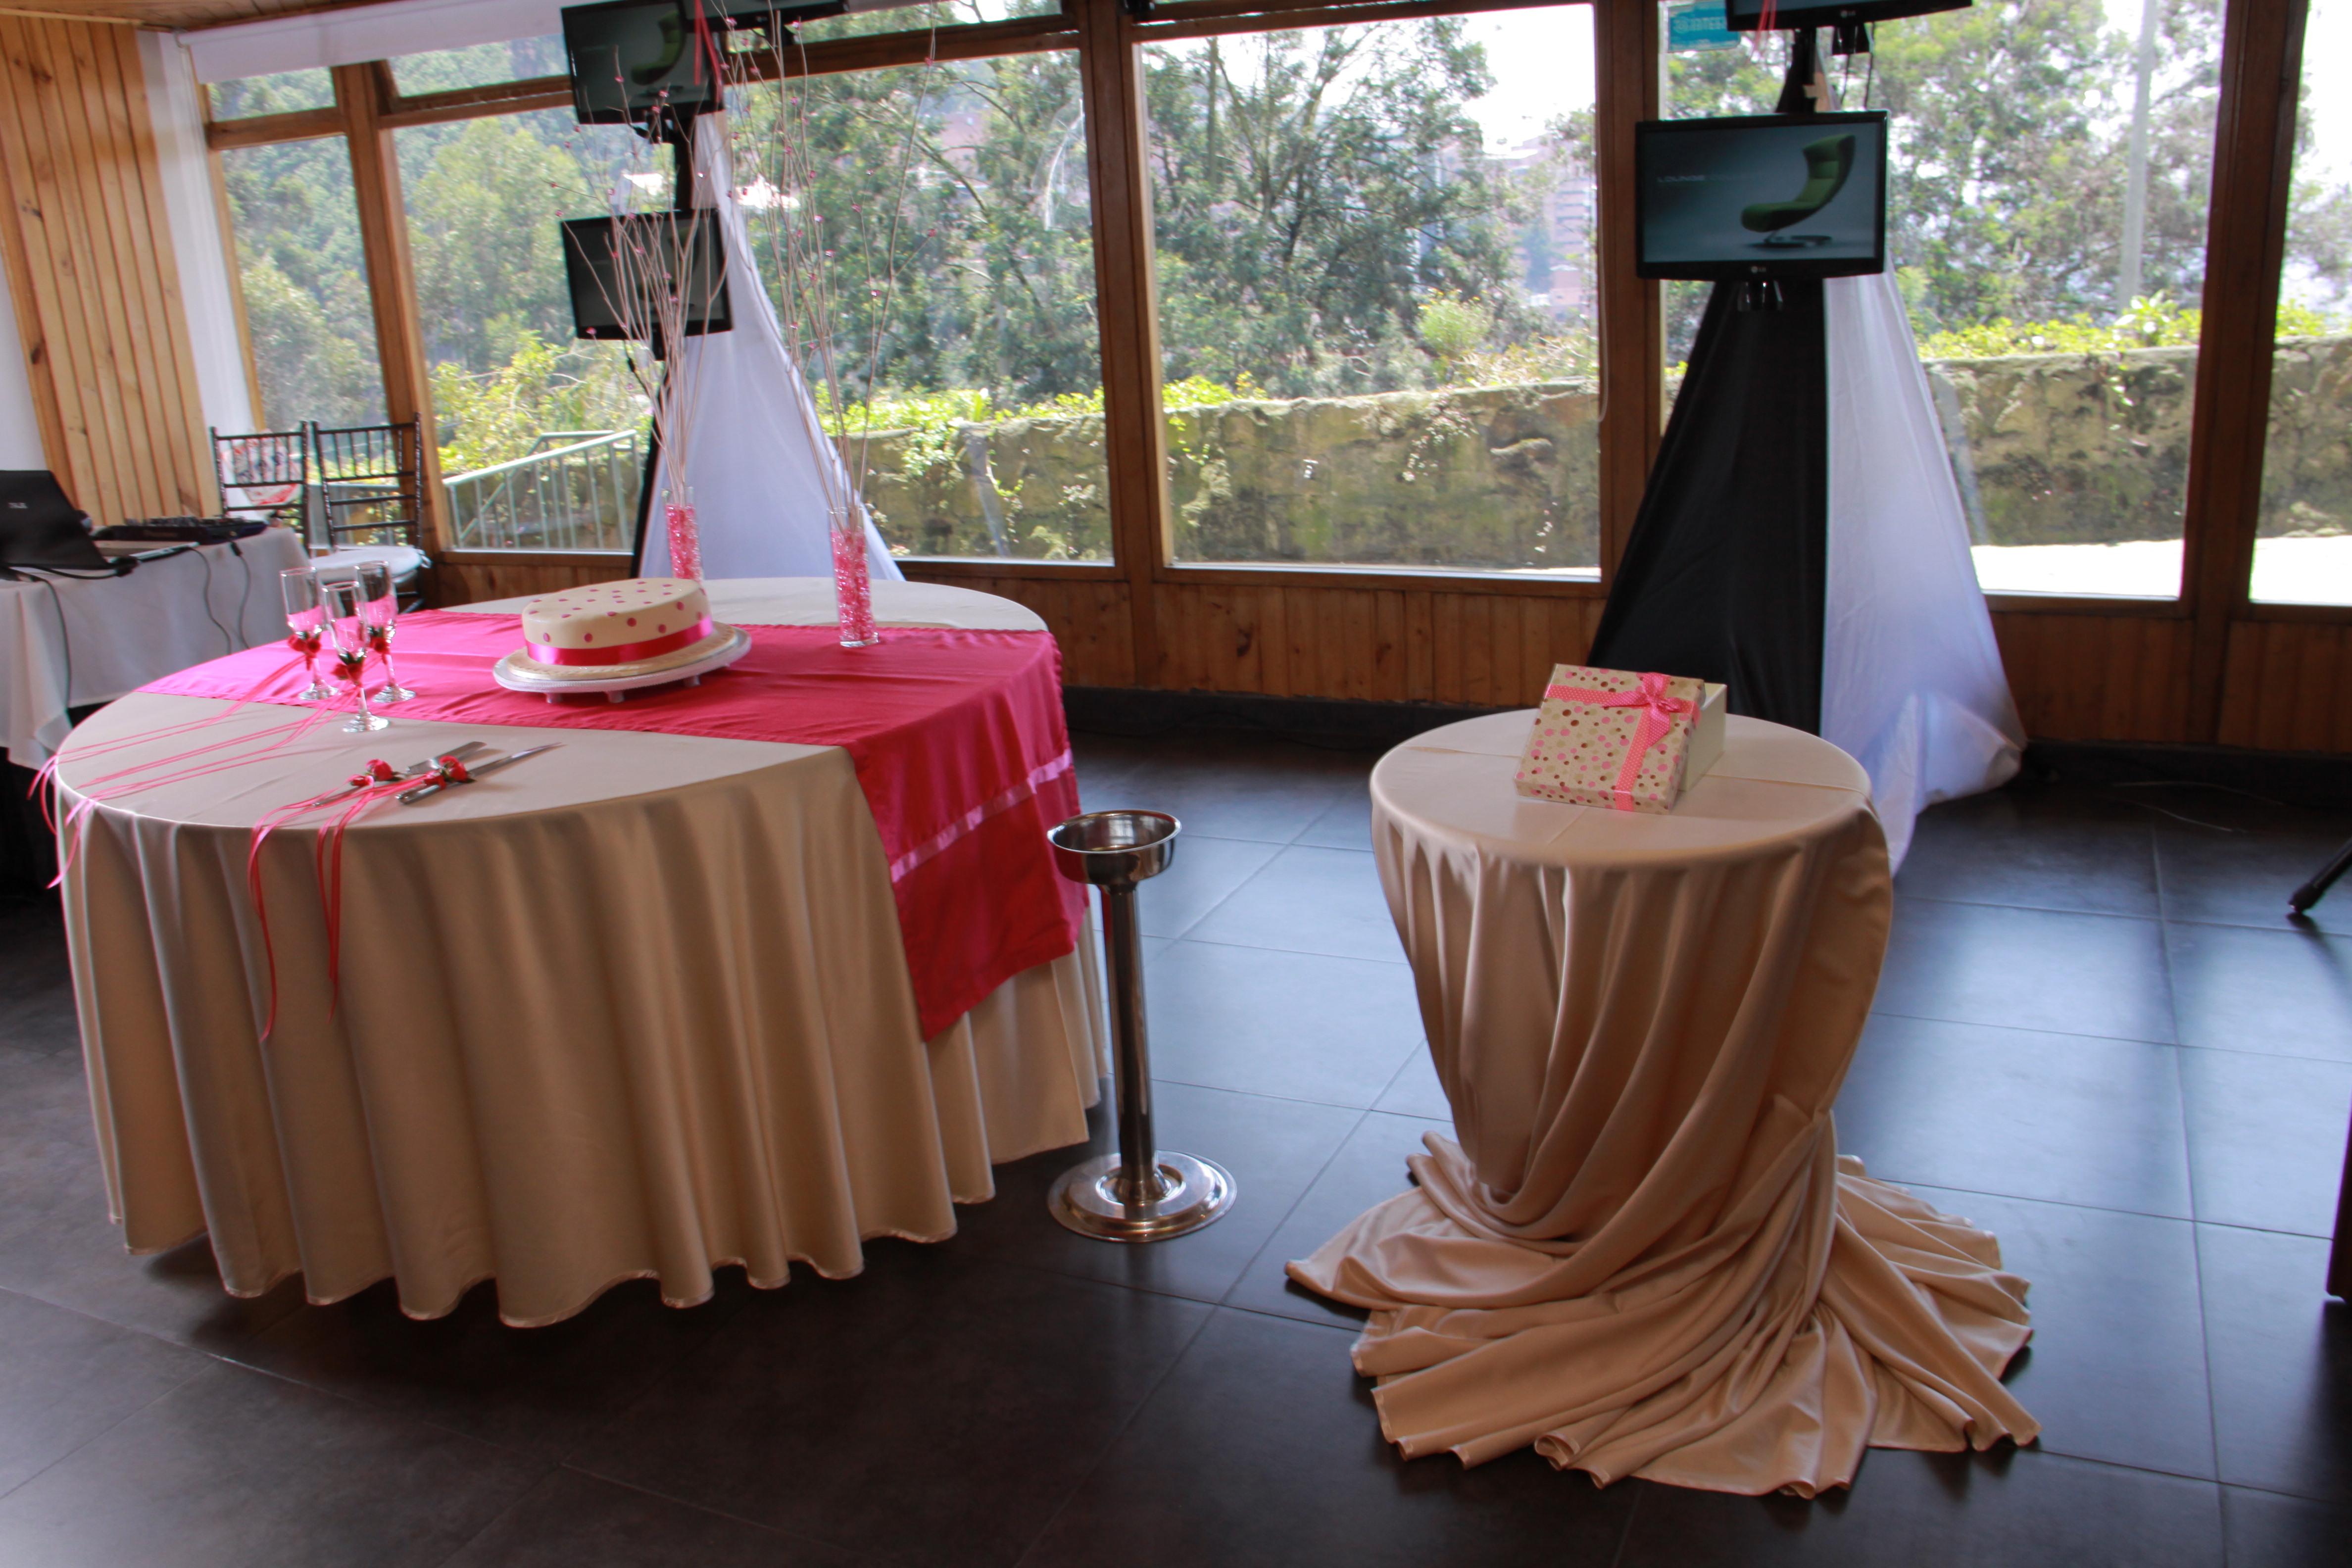 Alquiler de sonido luces y pantallas para fiestas y eventos 10